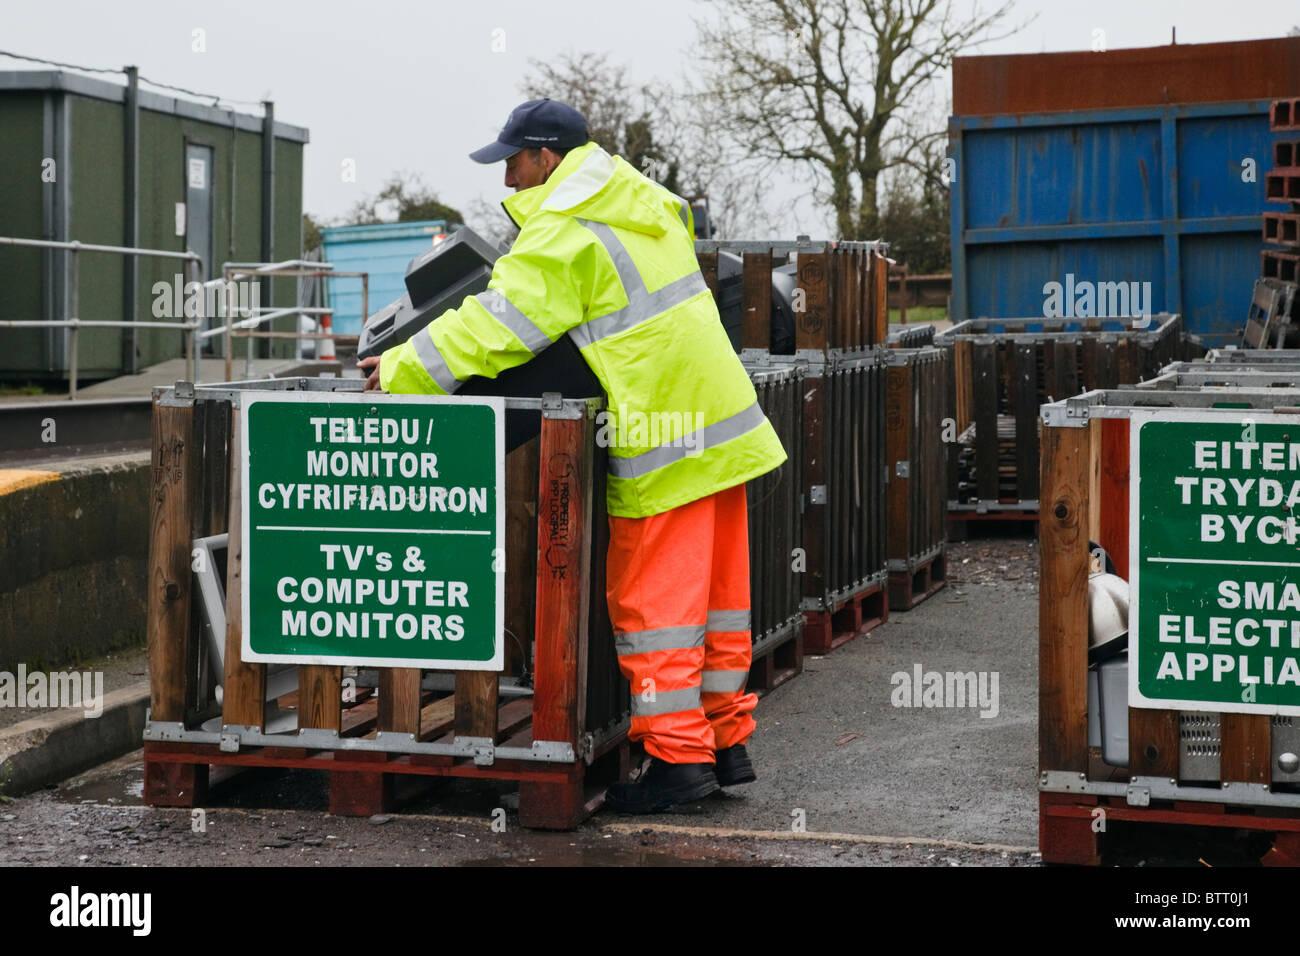 Obrero de deshacerse de un viejo televisor en el contenedor en el Consejo denegar el sitio para los residuos domésticos. Imagen De Stock